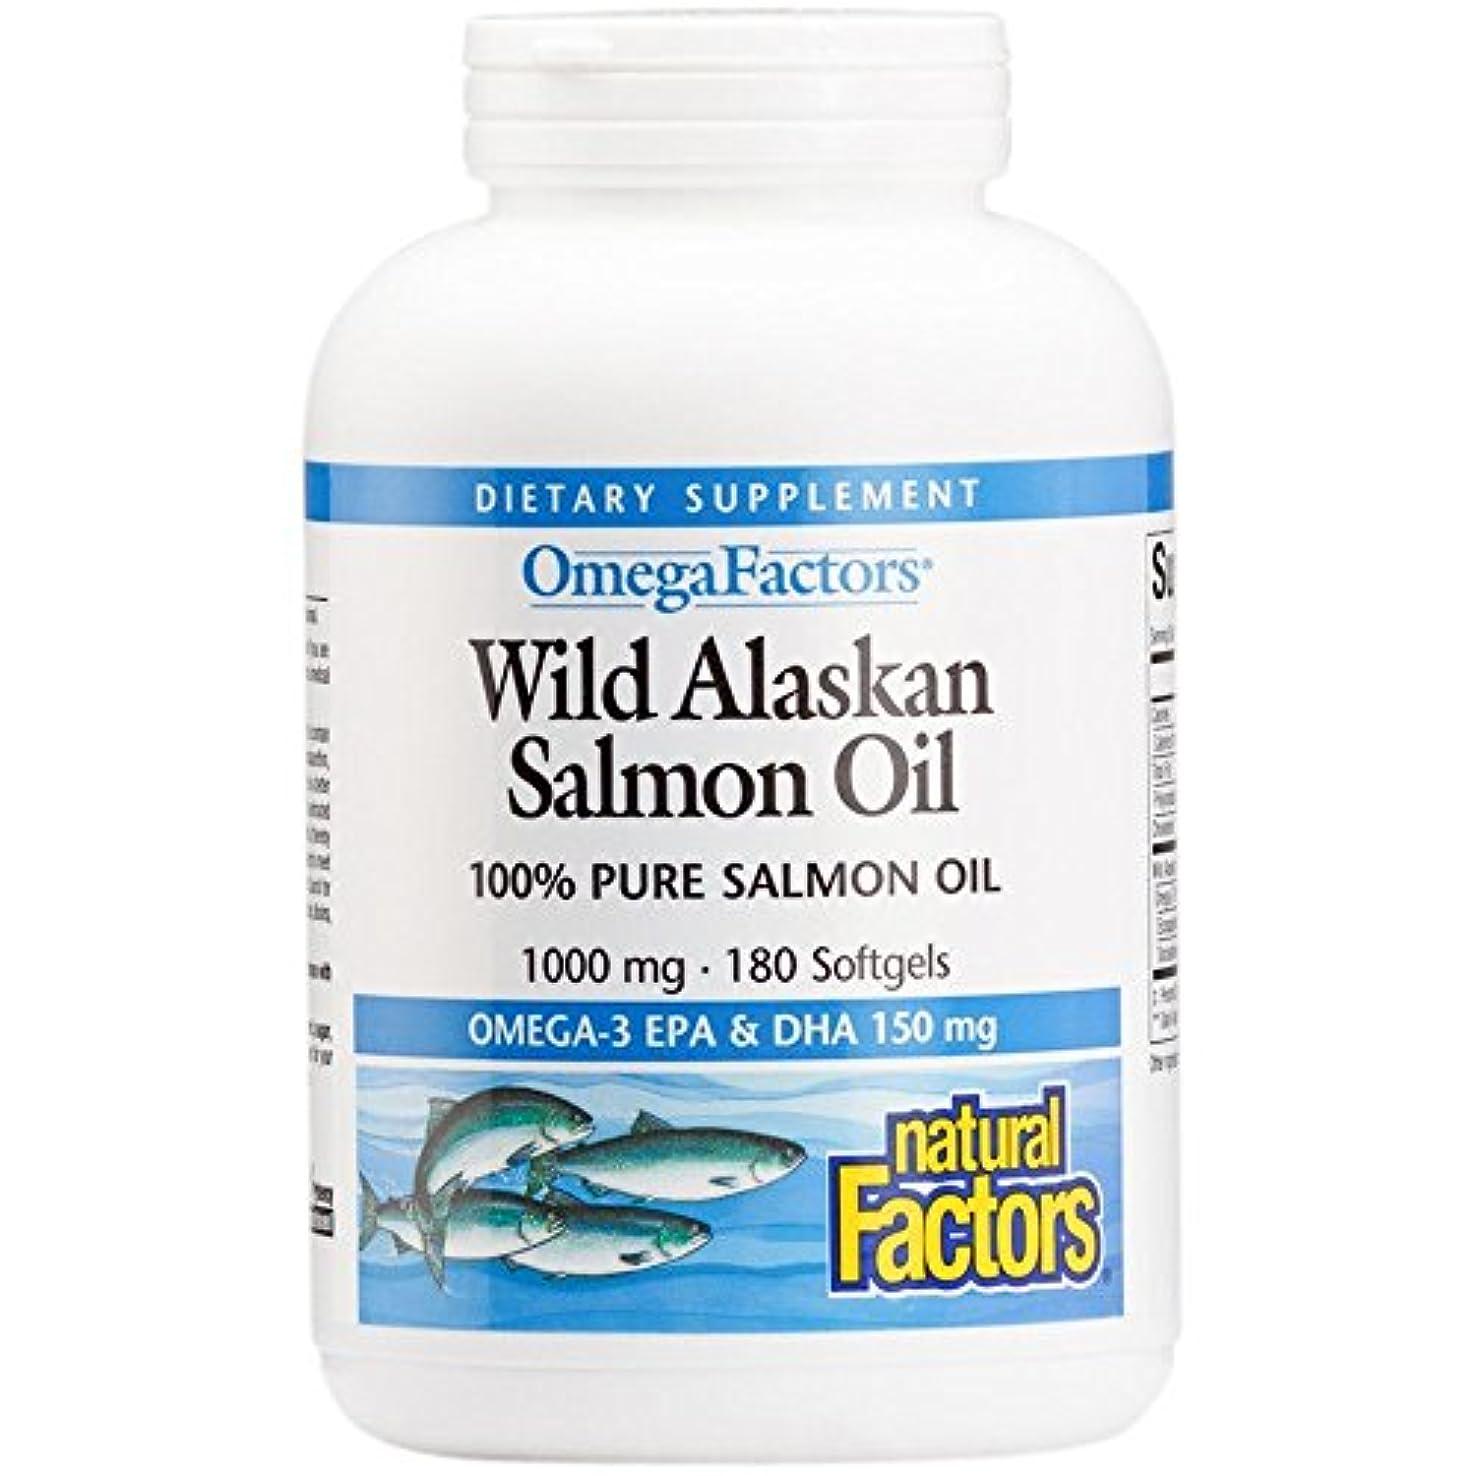 イソギンチャク共役帰する海外直送品Natural Factors Wild Alaskan Salmon Oil, 180 Softgels 1000 mg